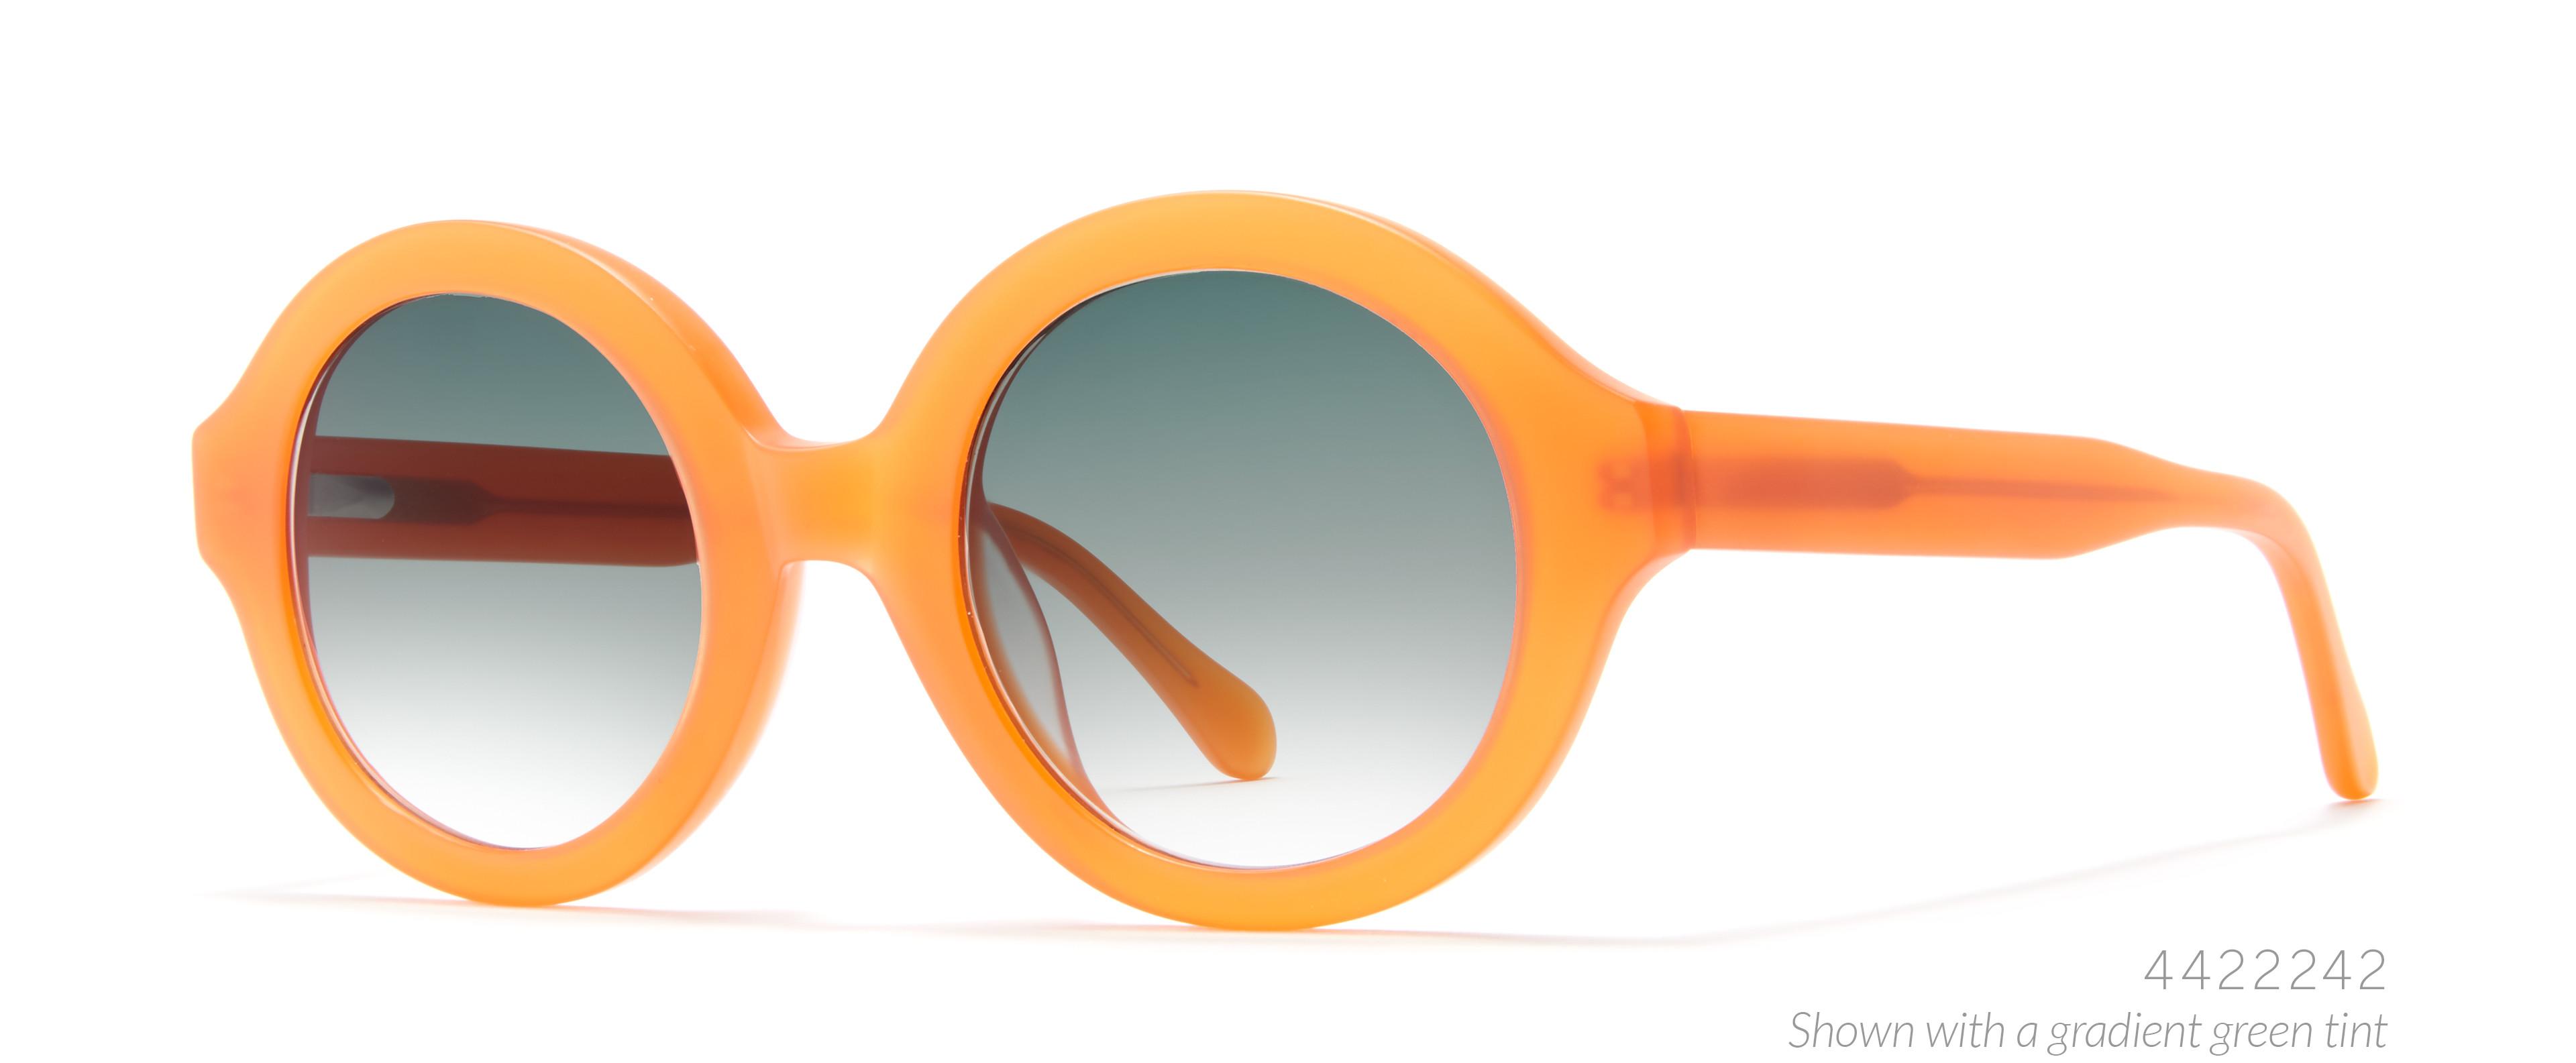 round orange sunglasses